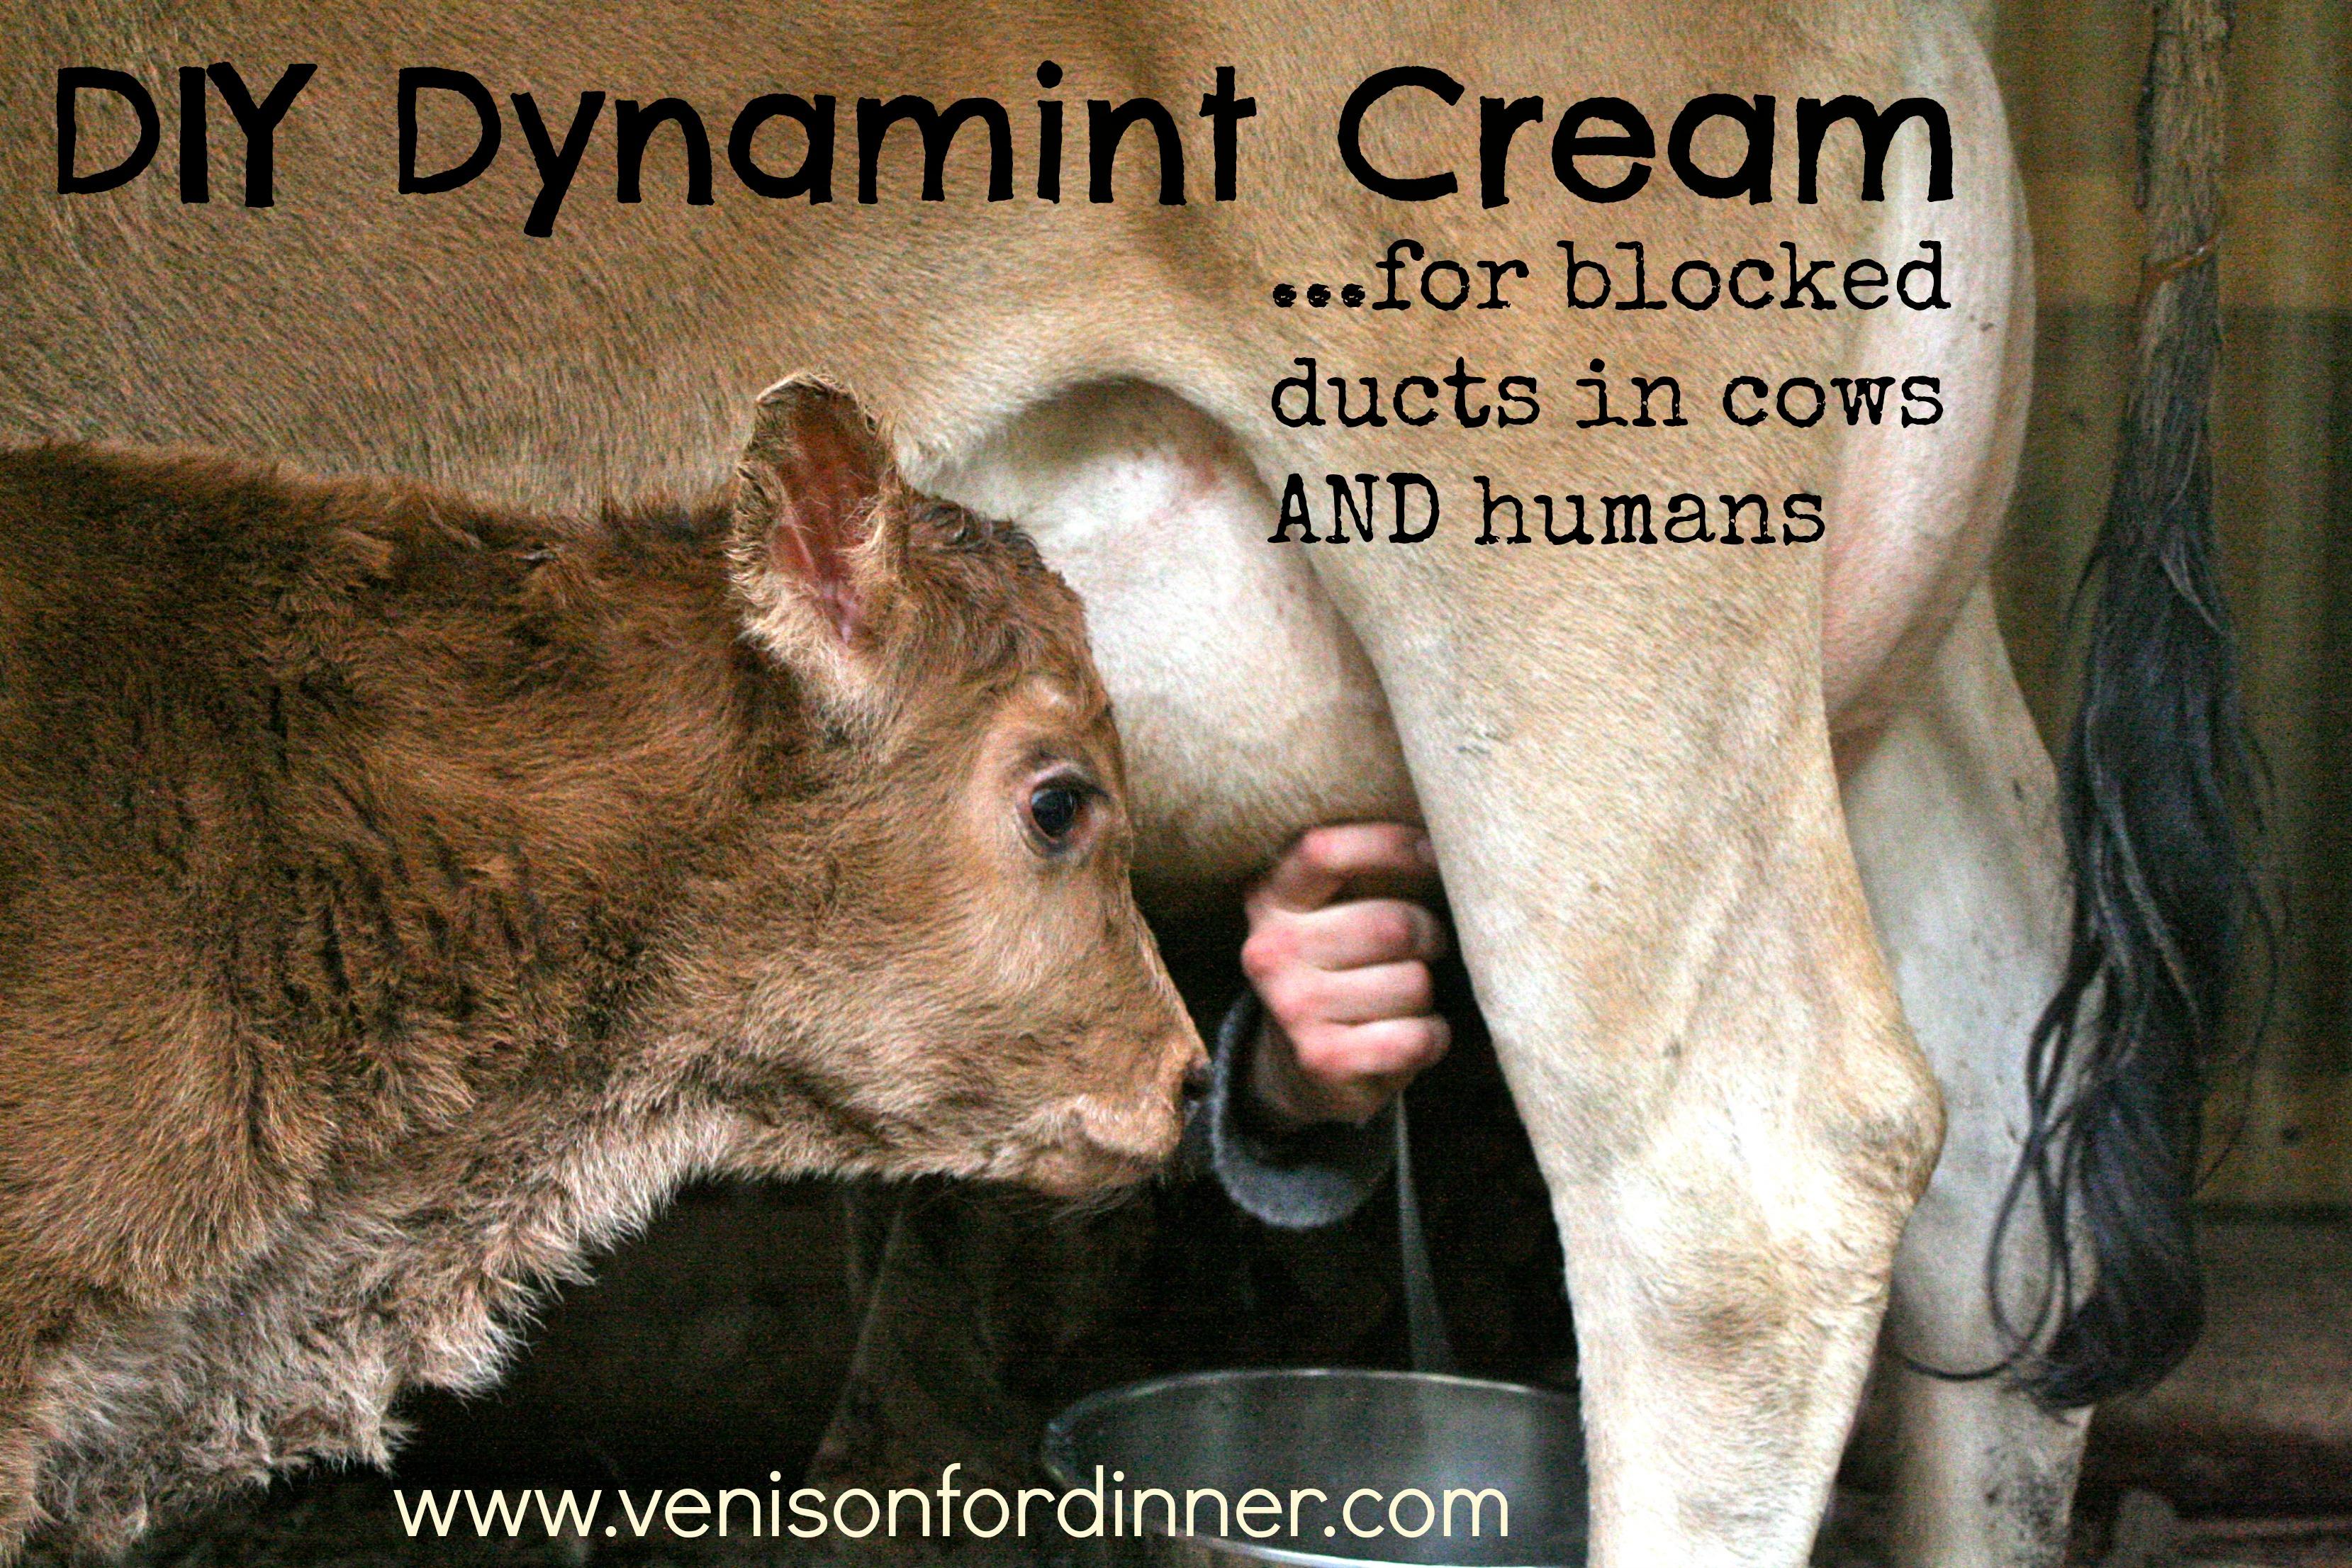 dynamint cream.jpg